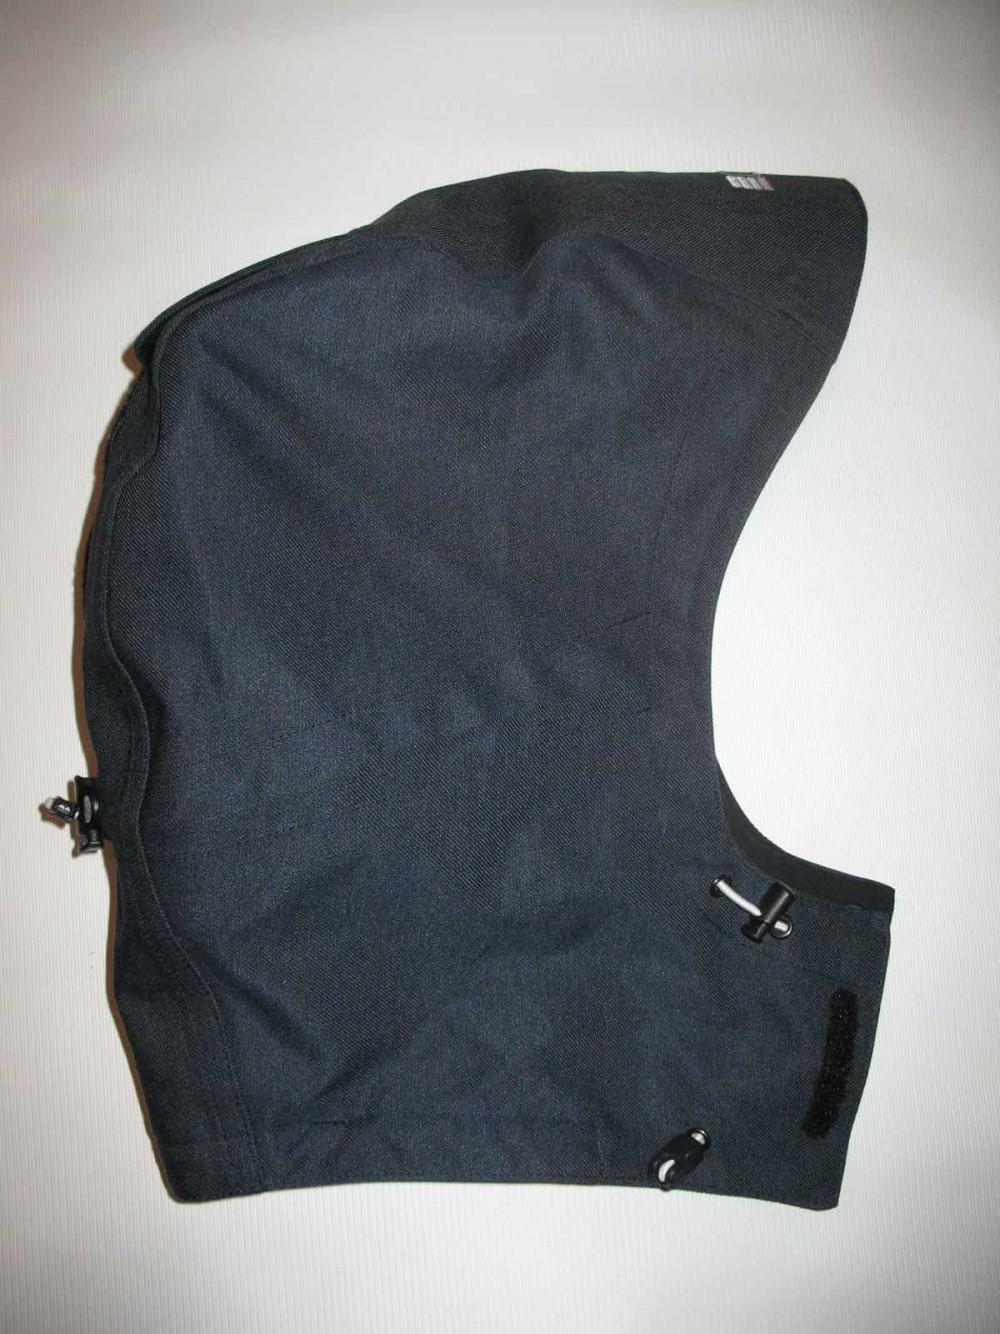 Куртка PEAK PERFOMANCE reve jacket lady (размер M) - 10